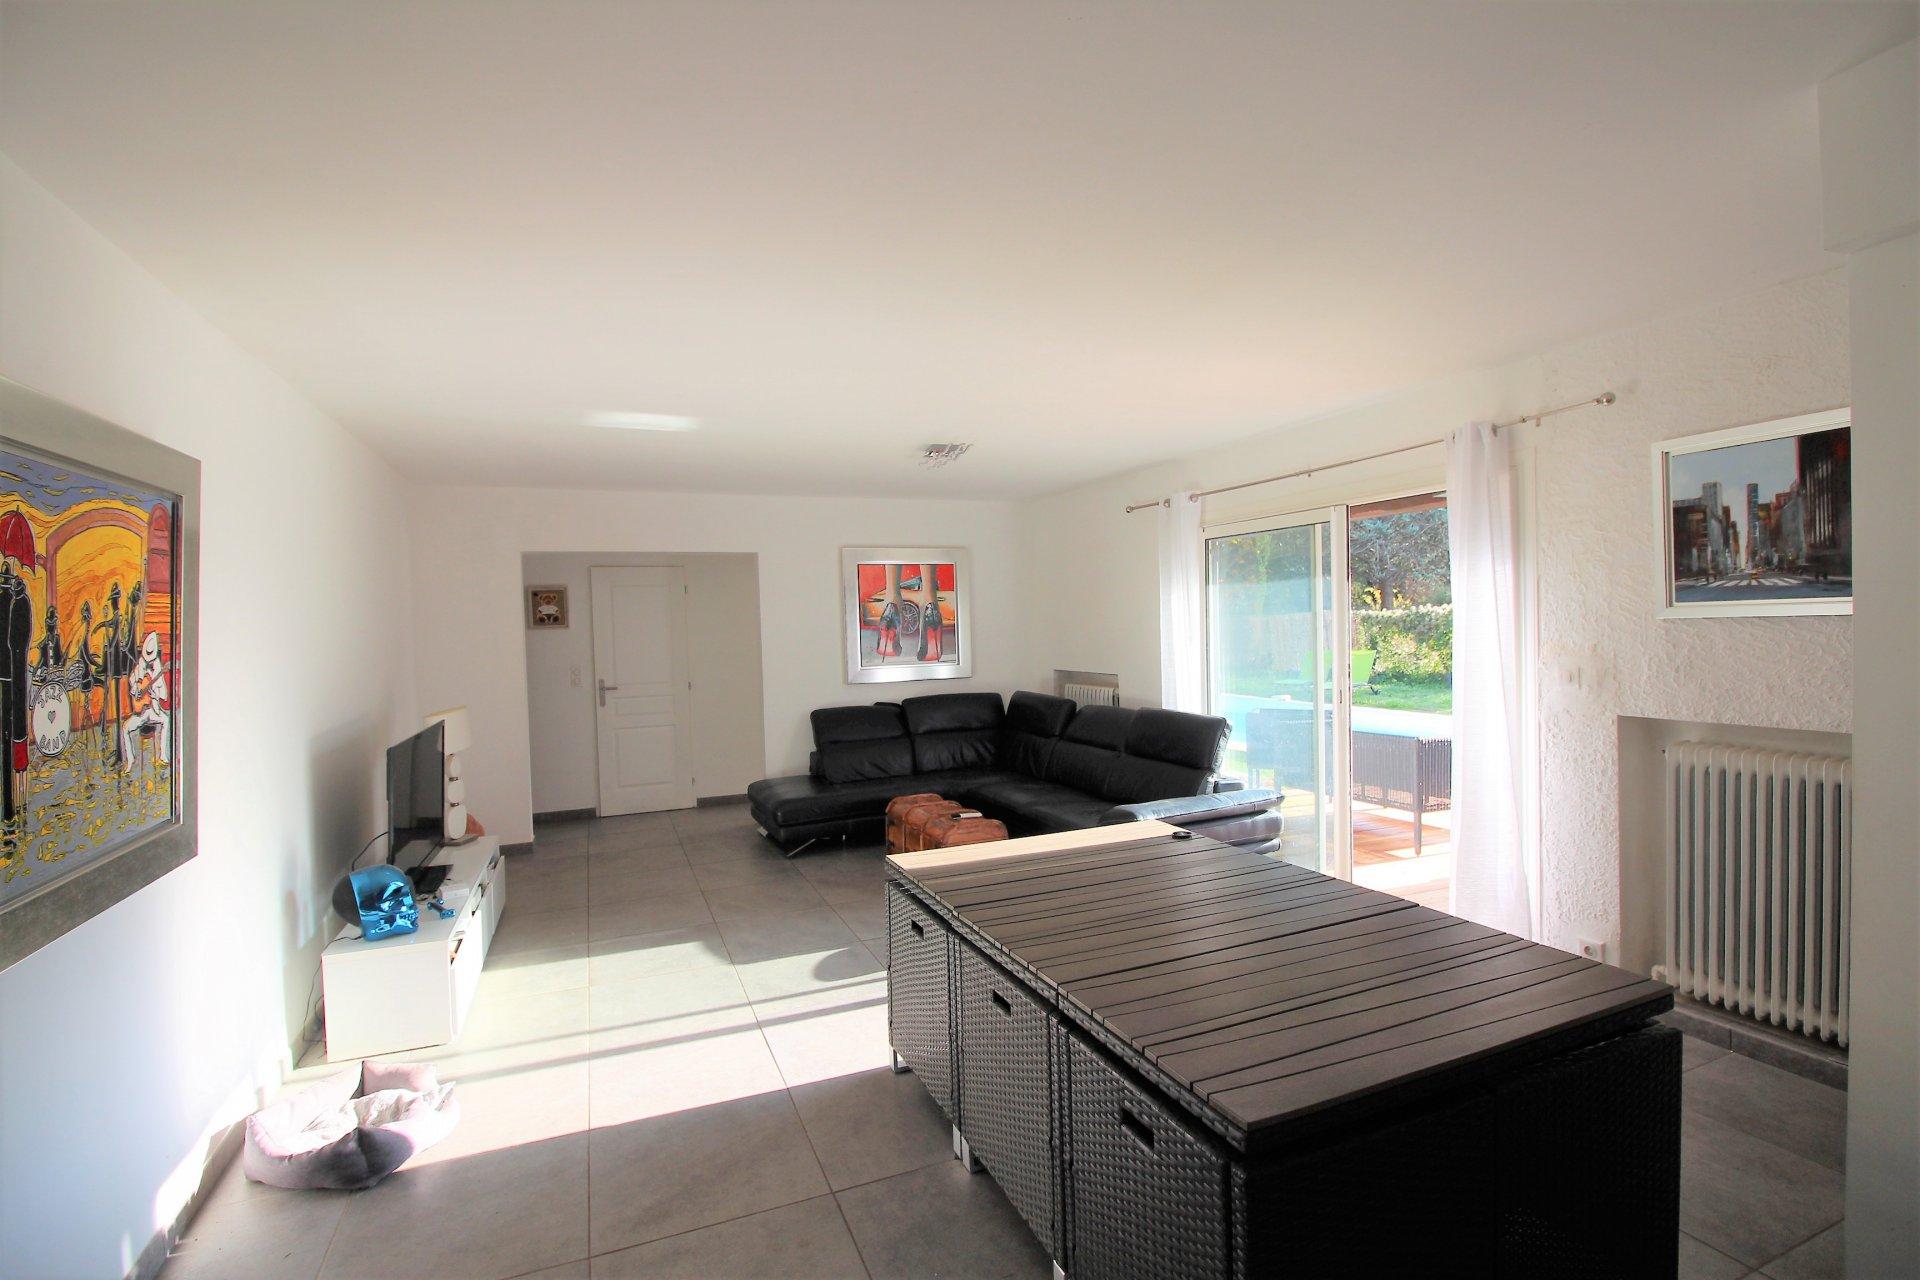 Saint Cézaire Villa rénovée 110m² + 60 m² annexes à aménager - Quartier résidentiel